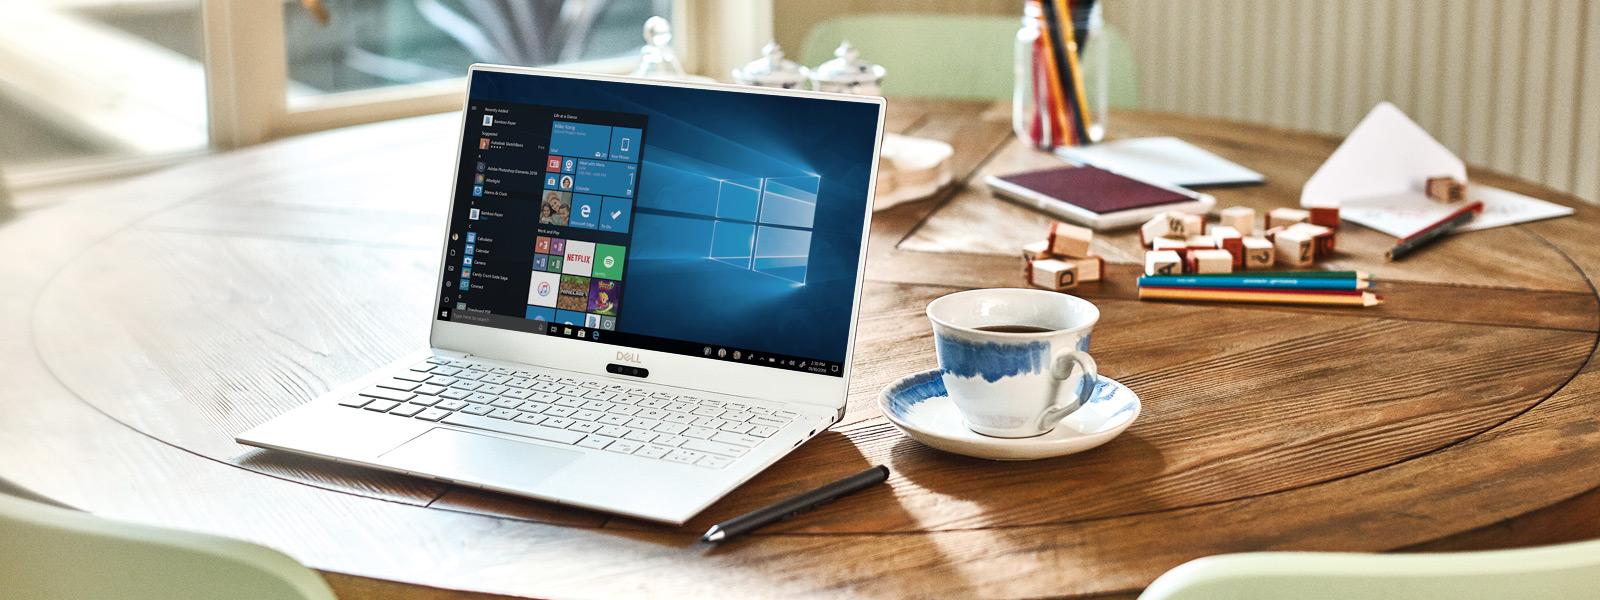 Odprt prenosnik Dell XPS 13 9370 na mizi z začetnim zaslonom sistema a Windows 10.